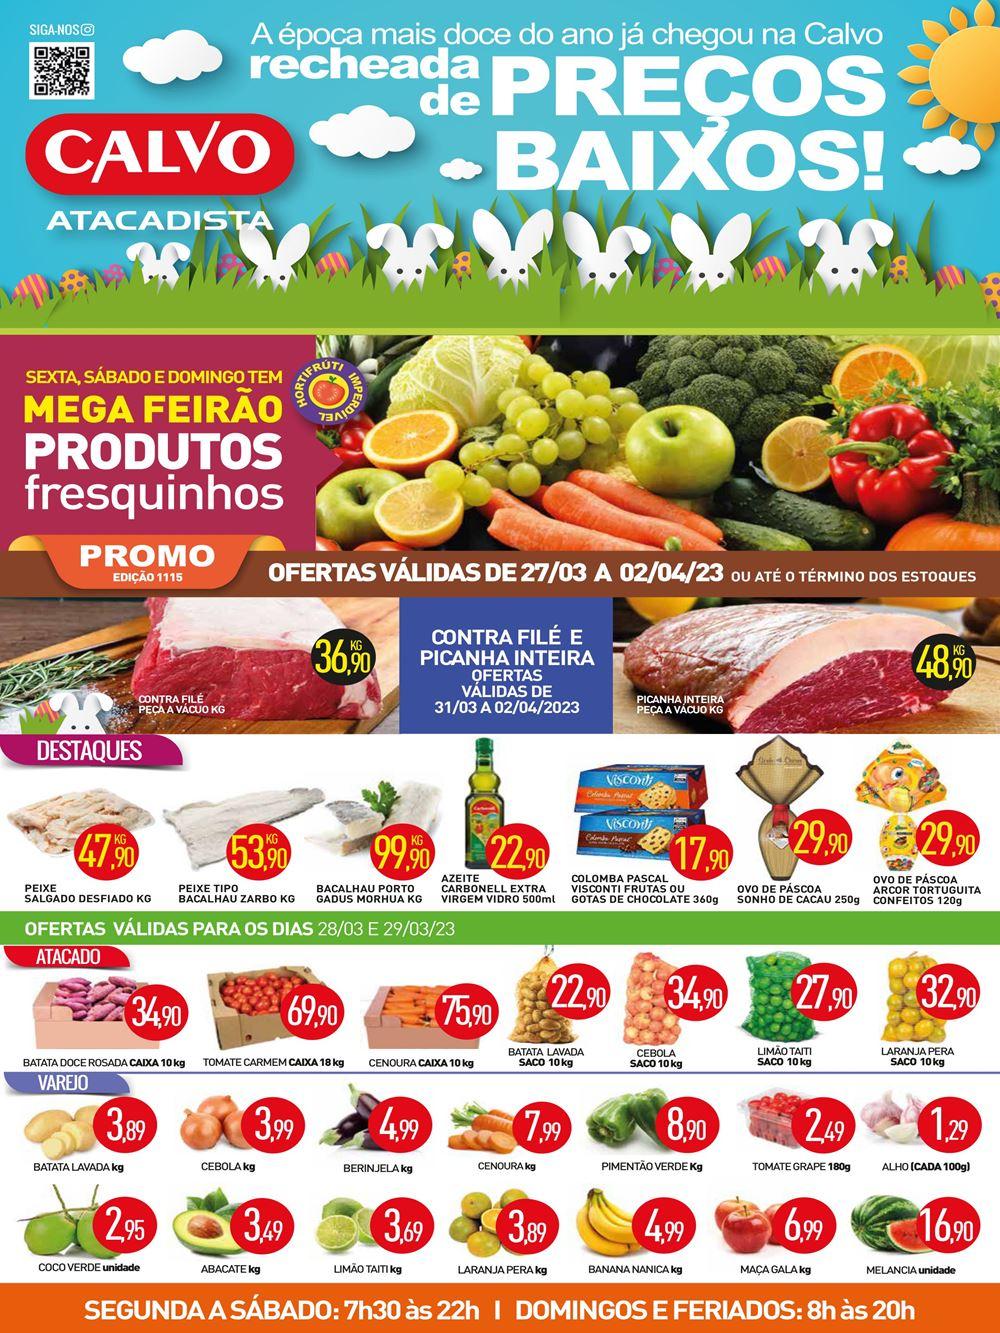 calvo-ofertas-descontos-hoje1-4 Ofertas de supermercados